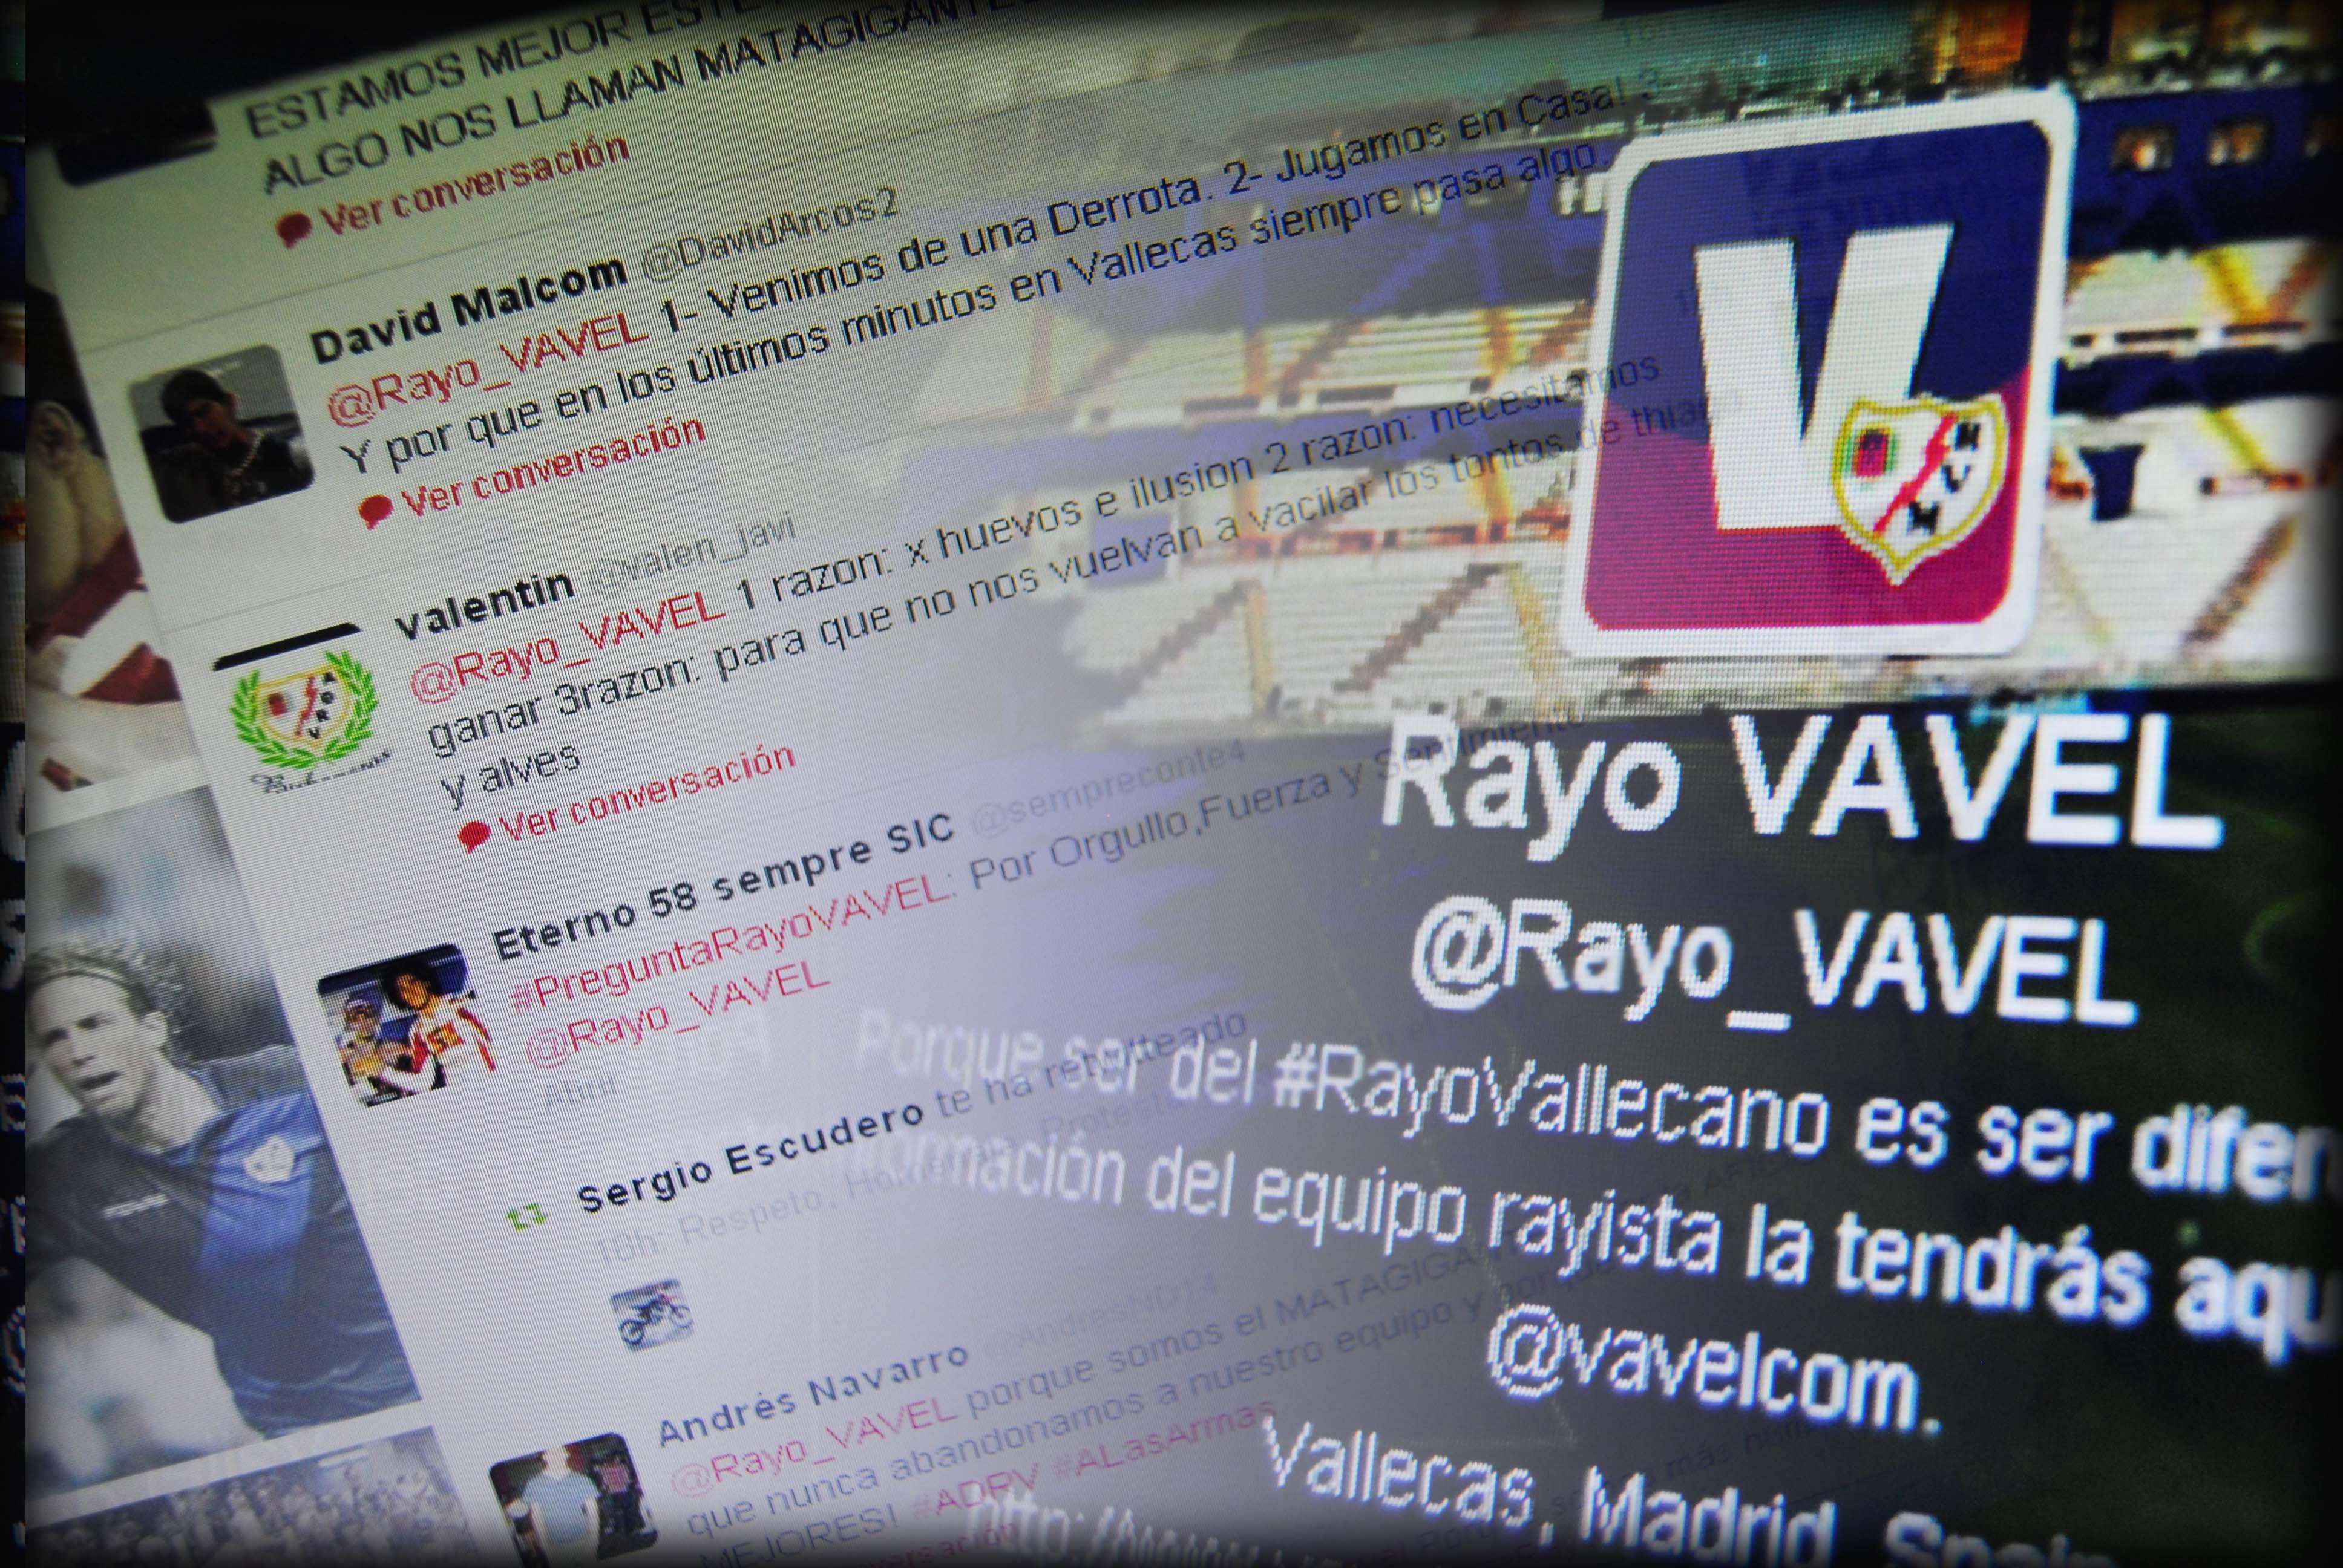 Las tres razones de la afición en @Rayo_VAVEL, para vencer al Barcelona